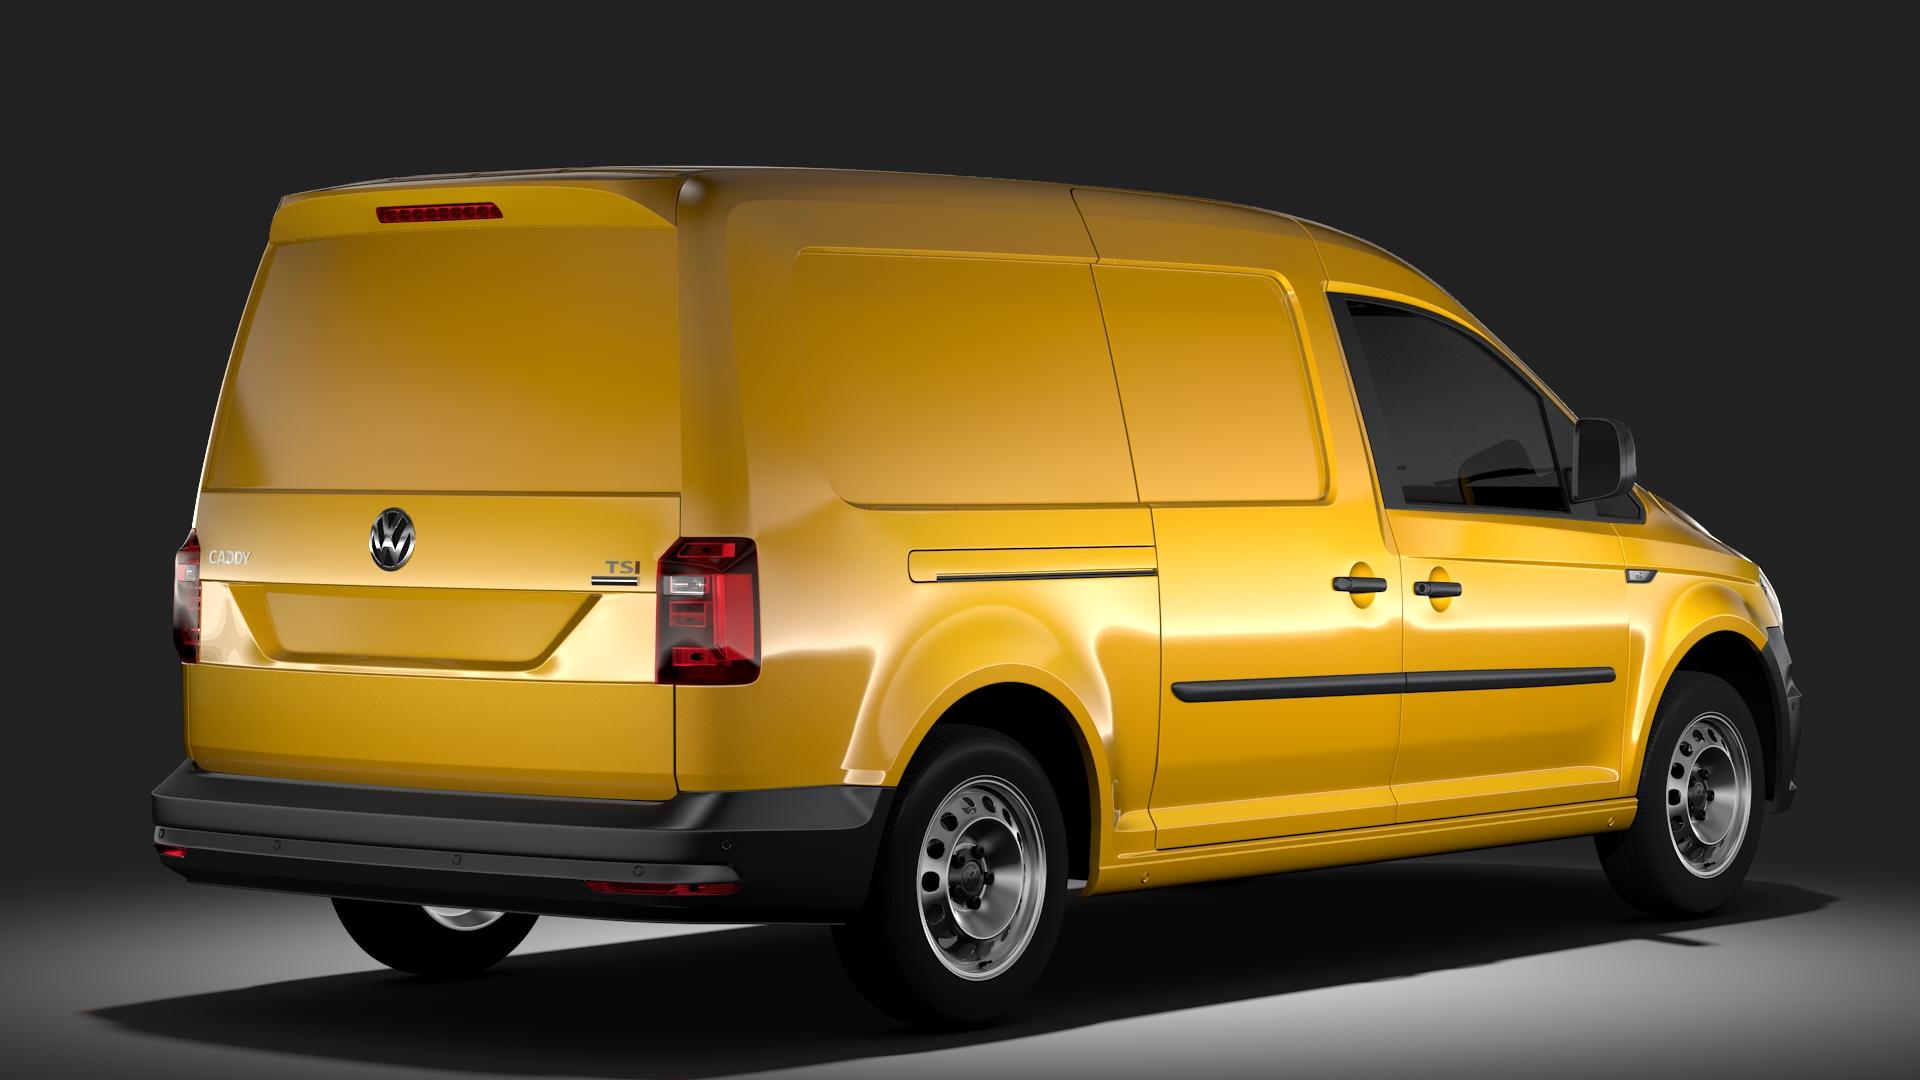 volkswagen caddy panel van l2 2017 3d model max fbx c4d lwo ma mb hrc xsi obj 274605